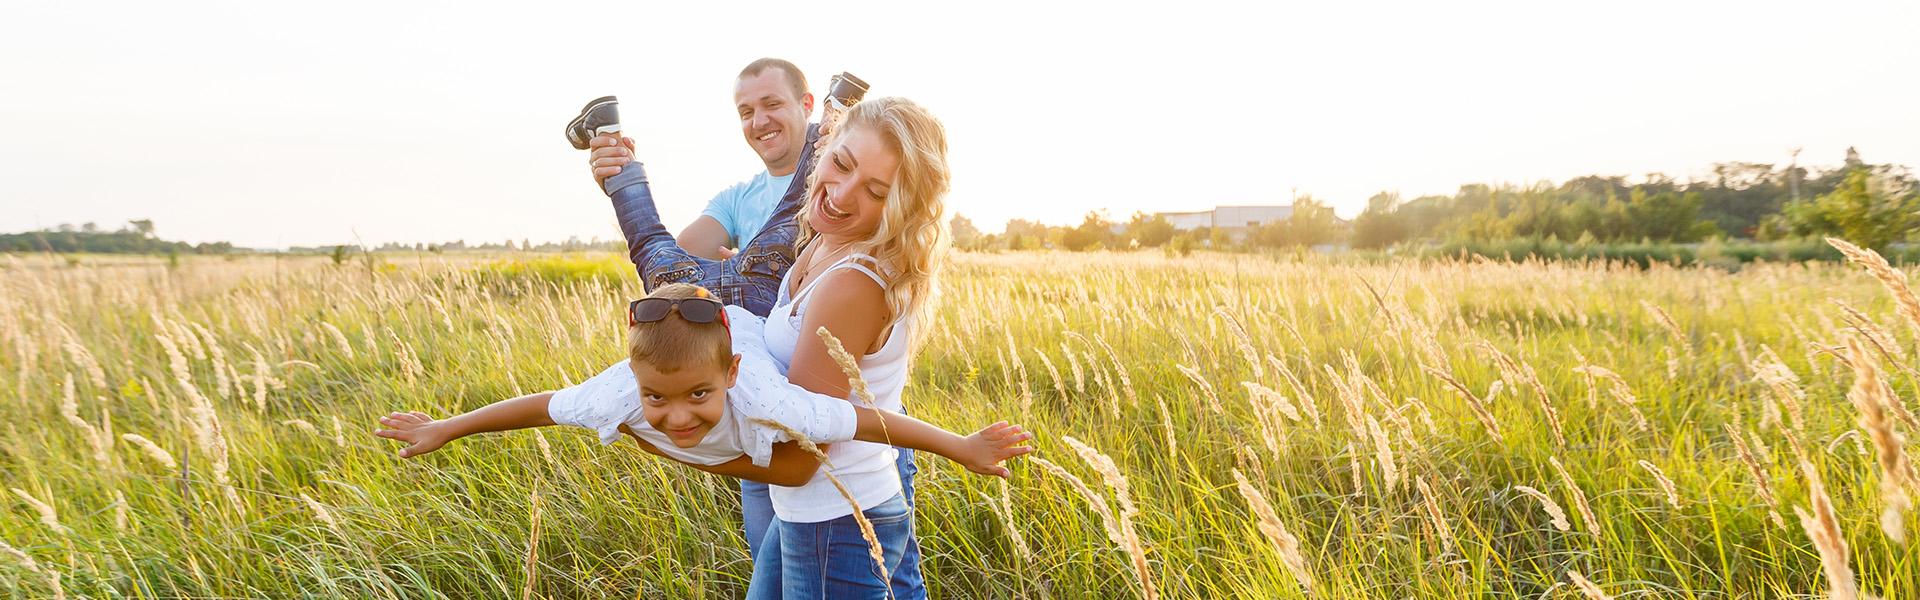 Eltern mit Kind auf einer Wiese